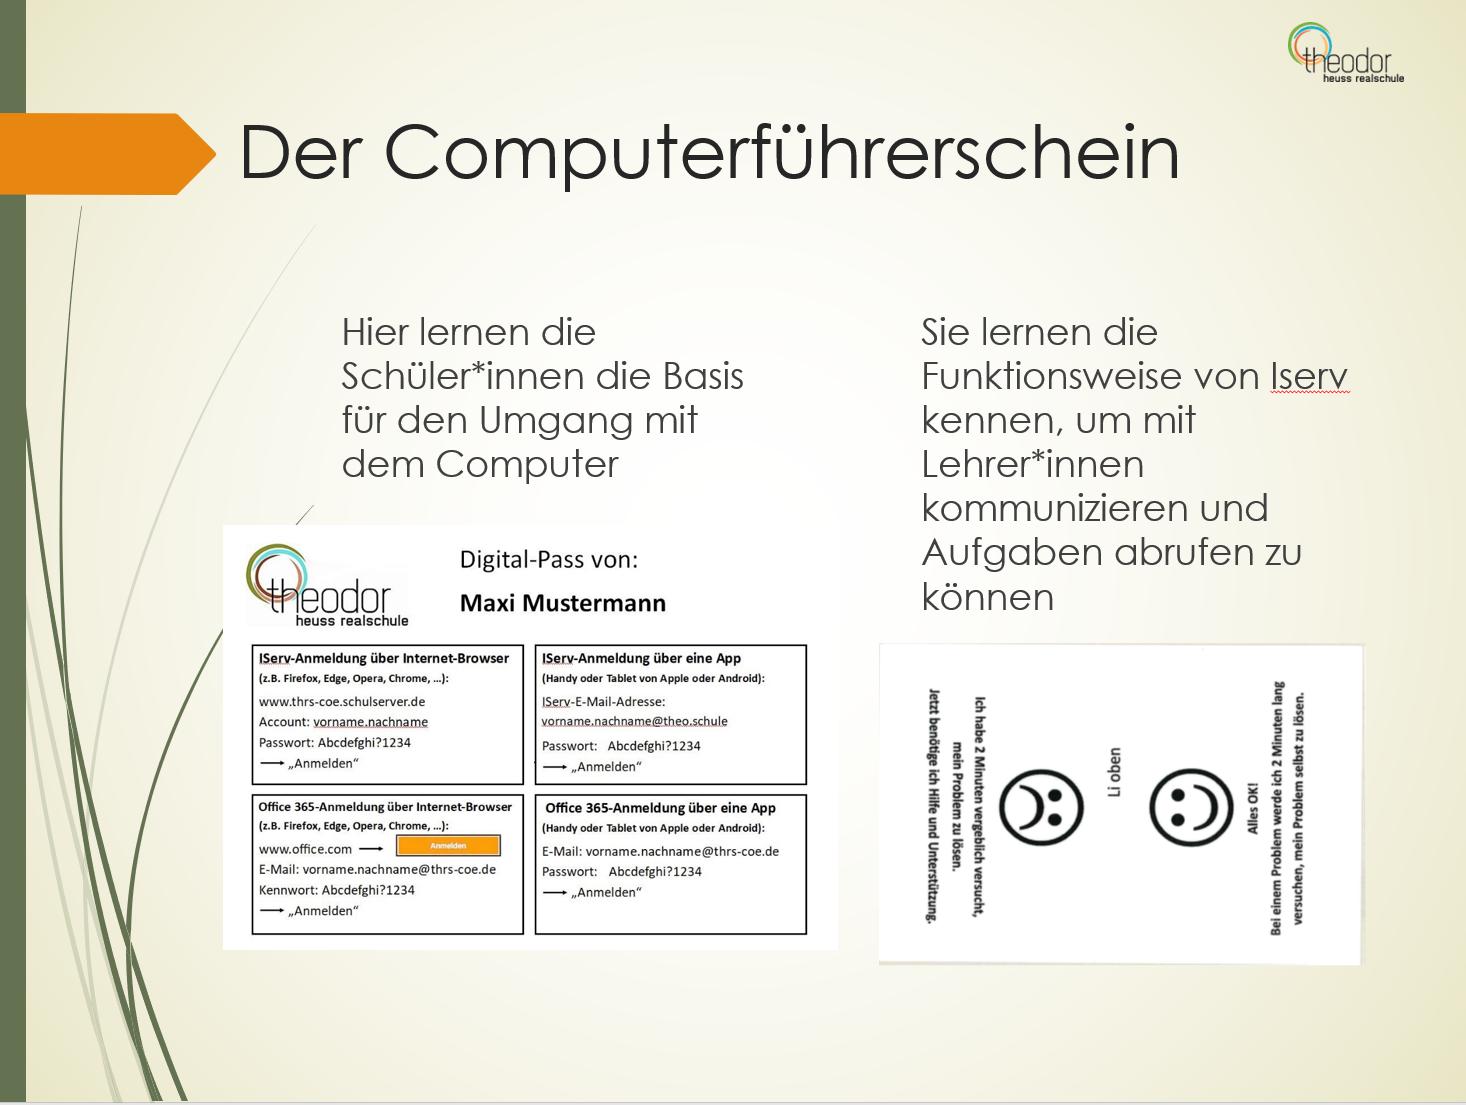 Computerführerschien